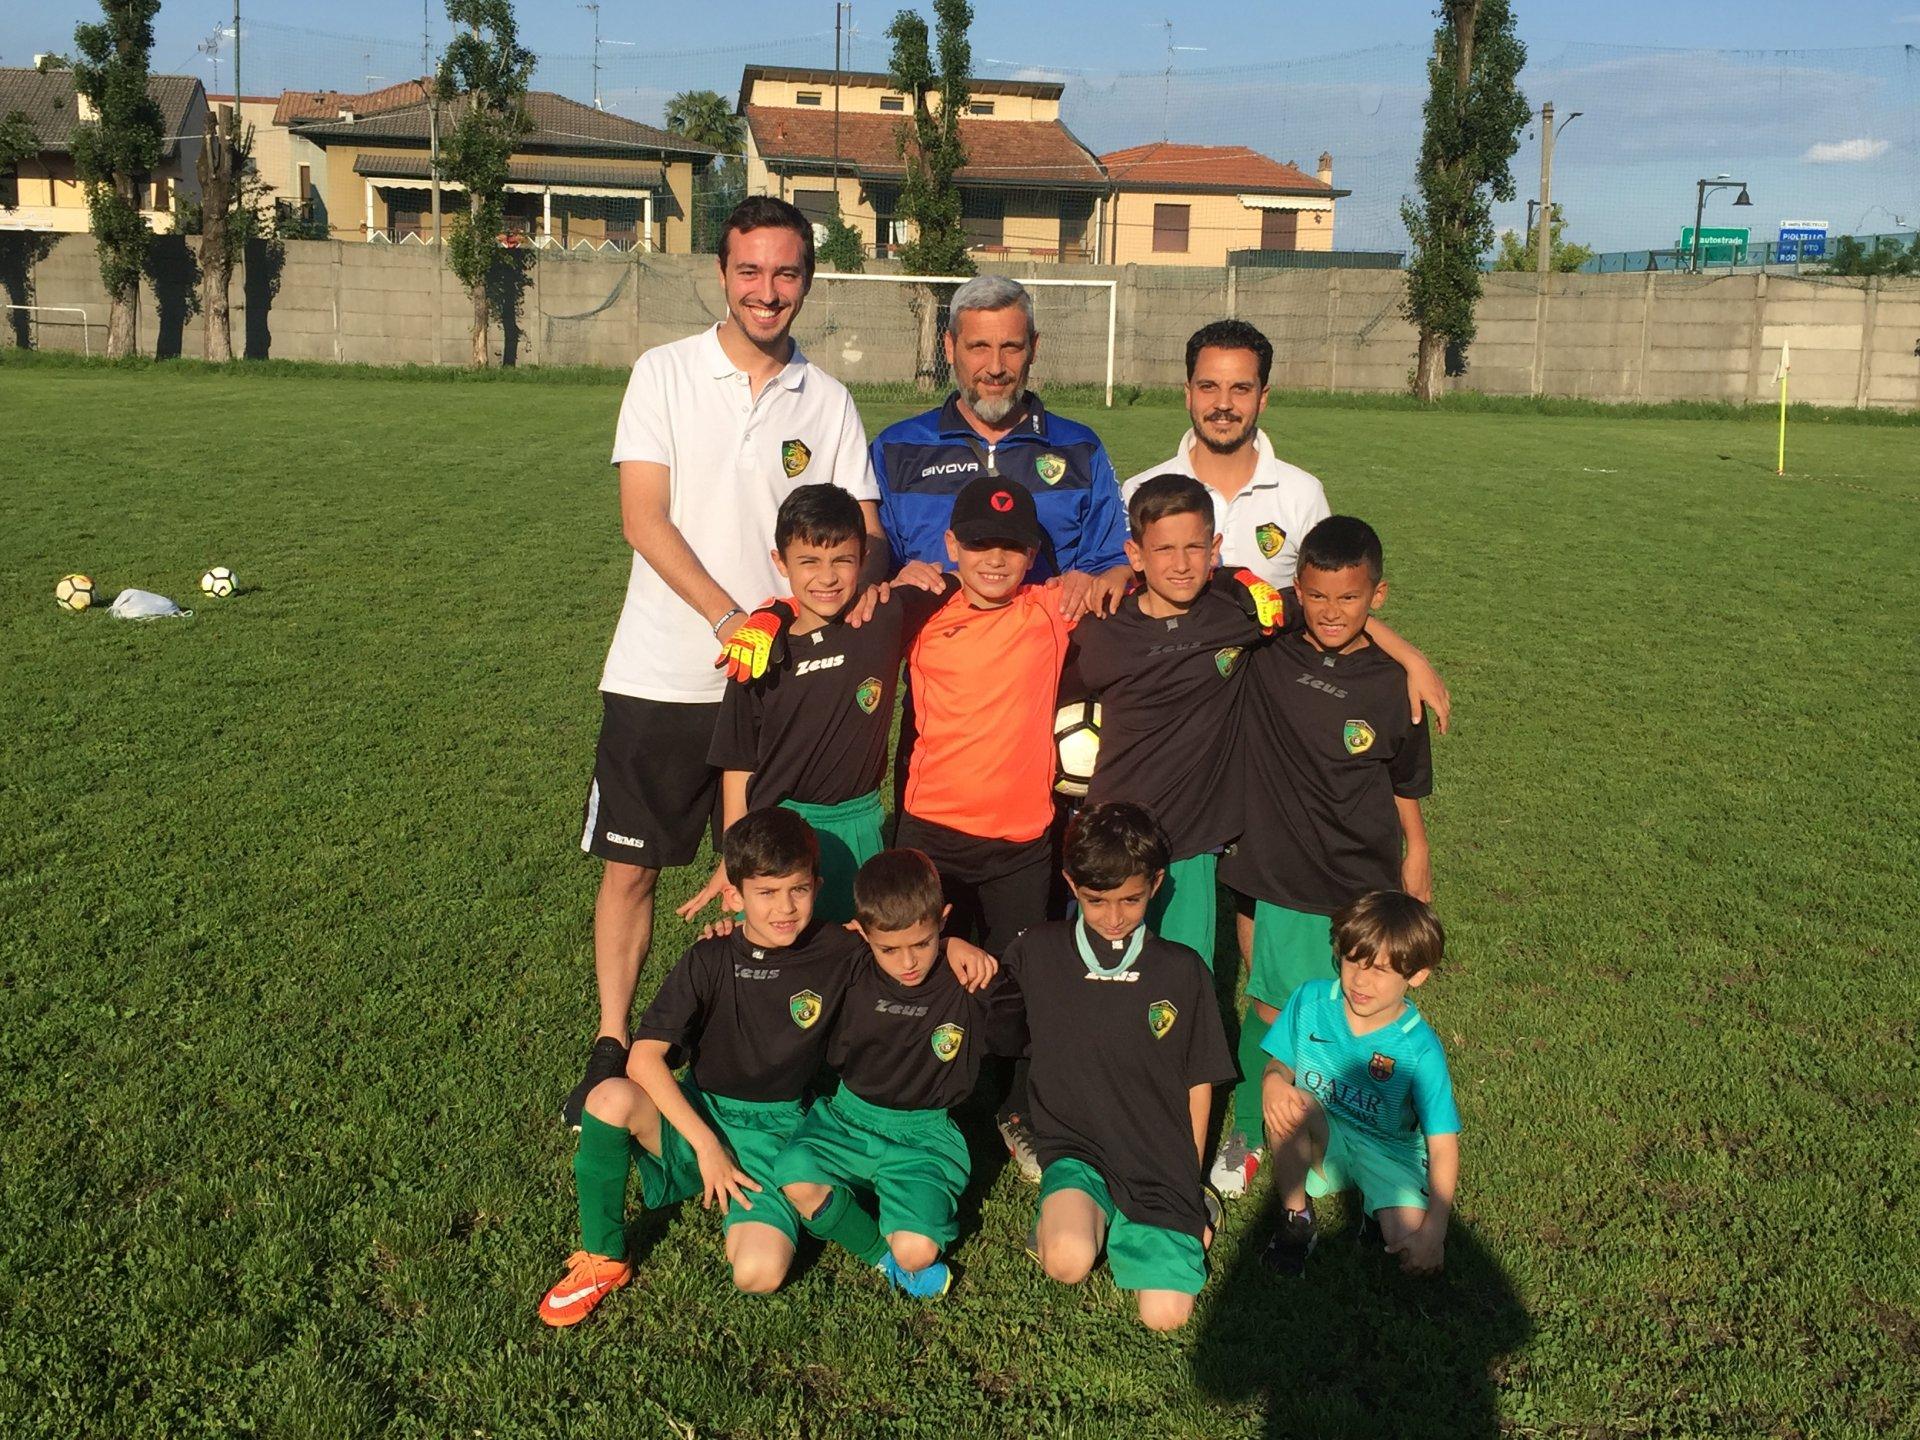 Pioltello Limito torneo calcio Stefano PIonna